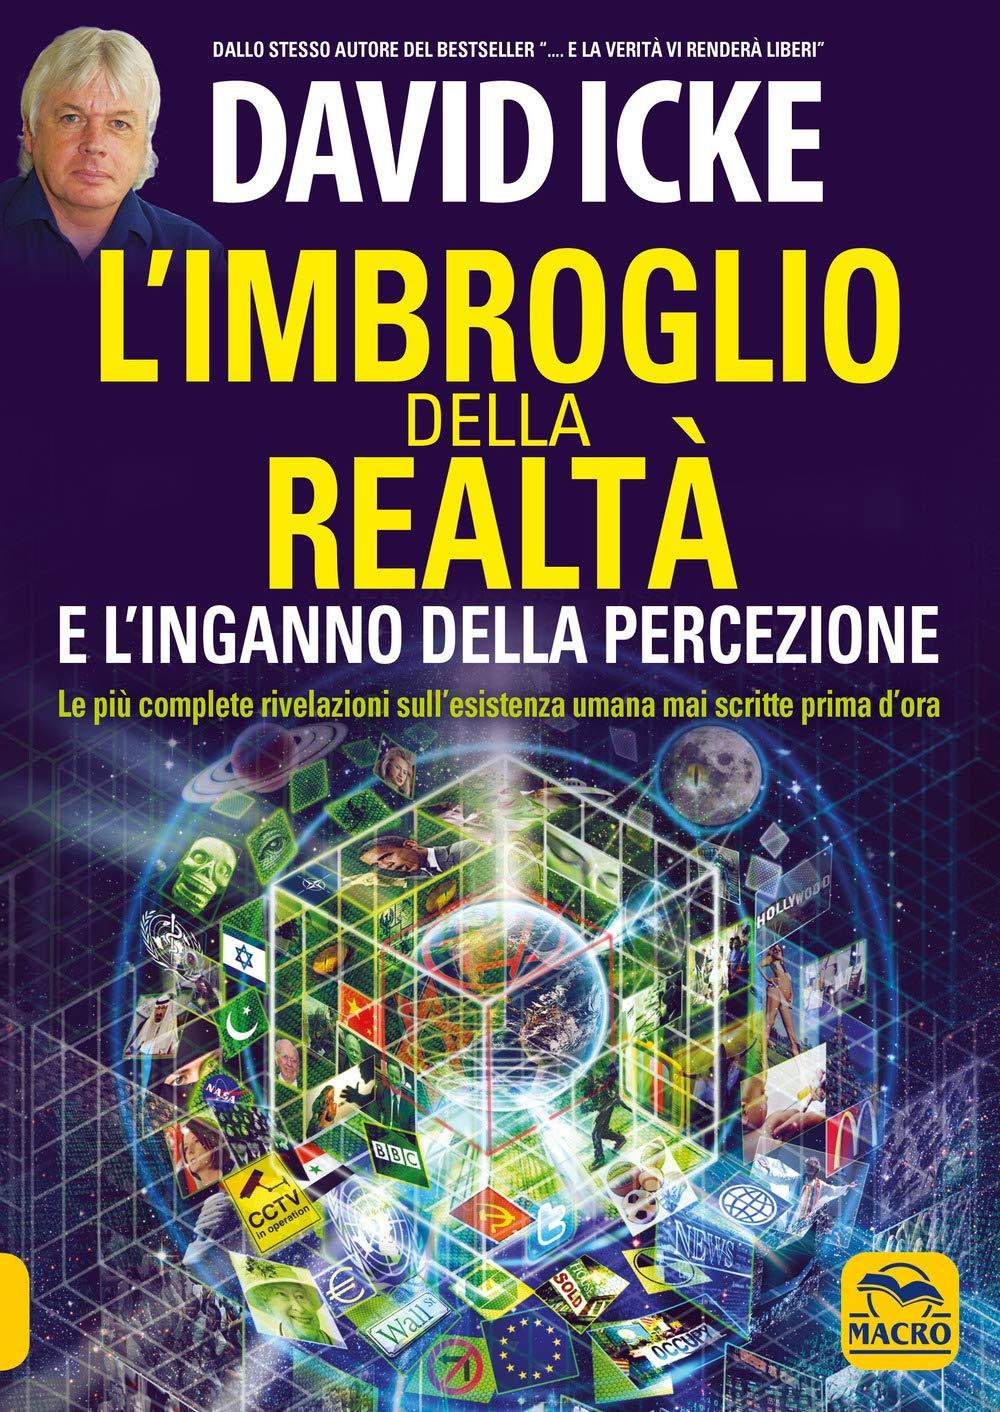 Libri di david icke - l`imbroglio della realtà e l`inganno della percezione (italiano) copertina flessibile 978-8828507529